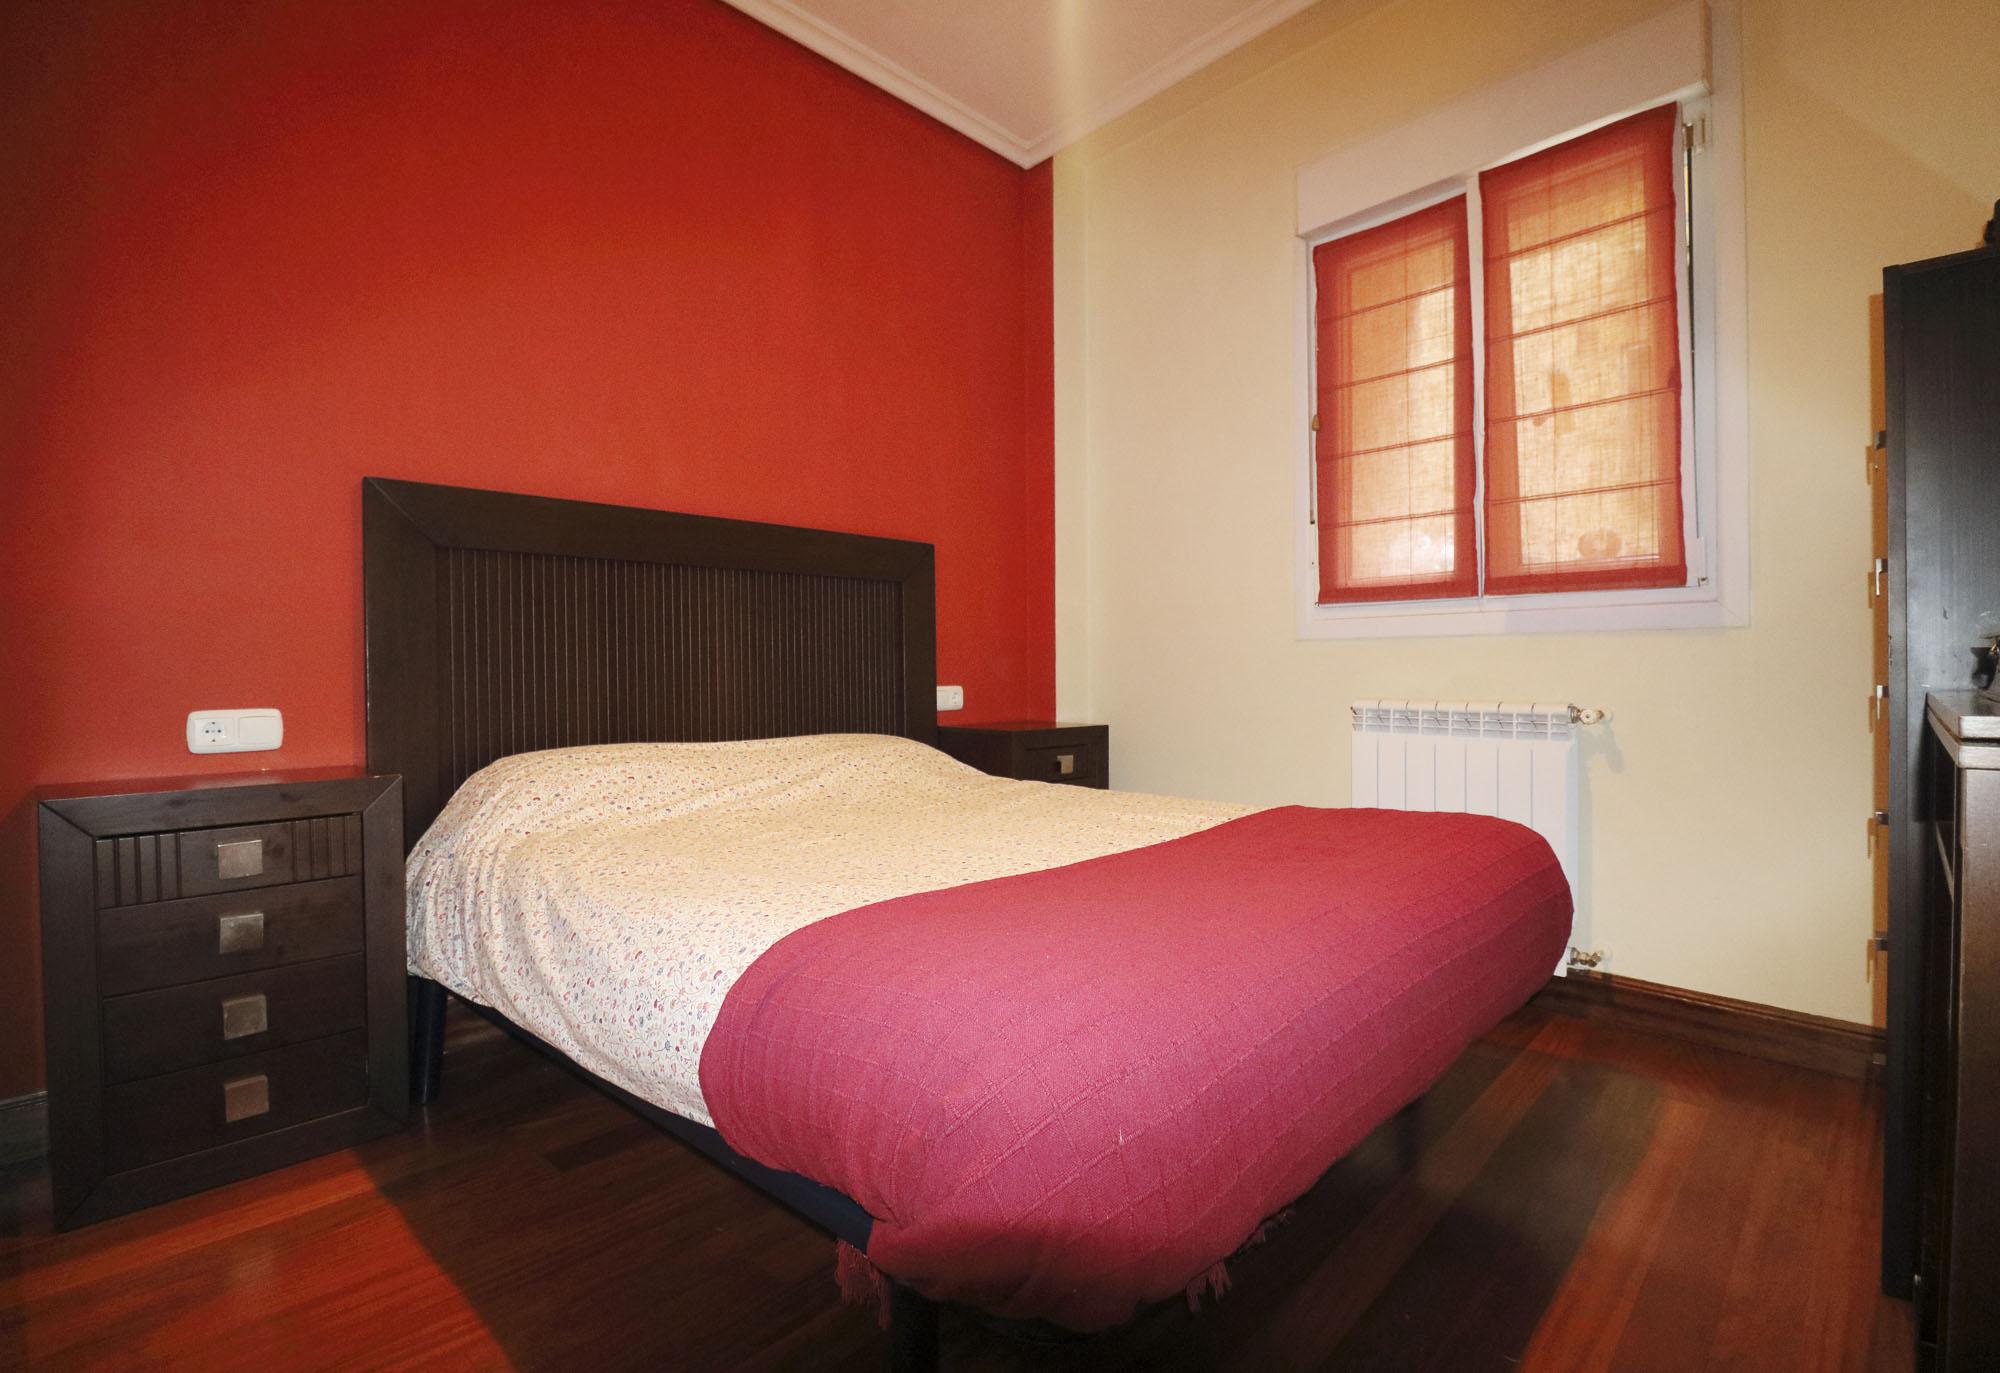 En San Miguel,zona estacion, para entrar a vivir! 2 habitaciones, salon,cocina equipada americana ,baño y trastero.Interesante!!!!